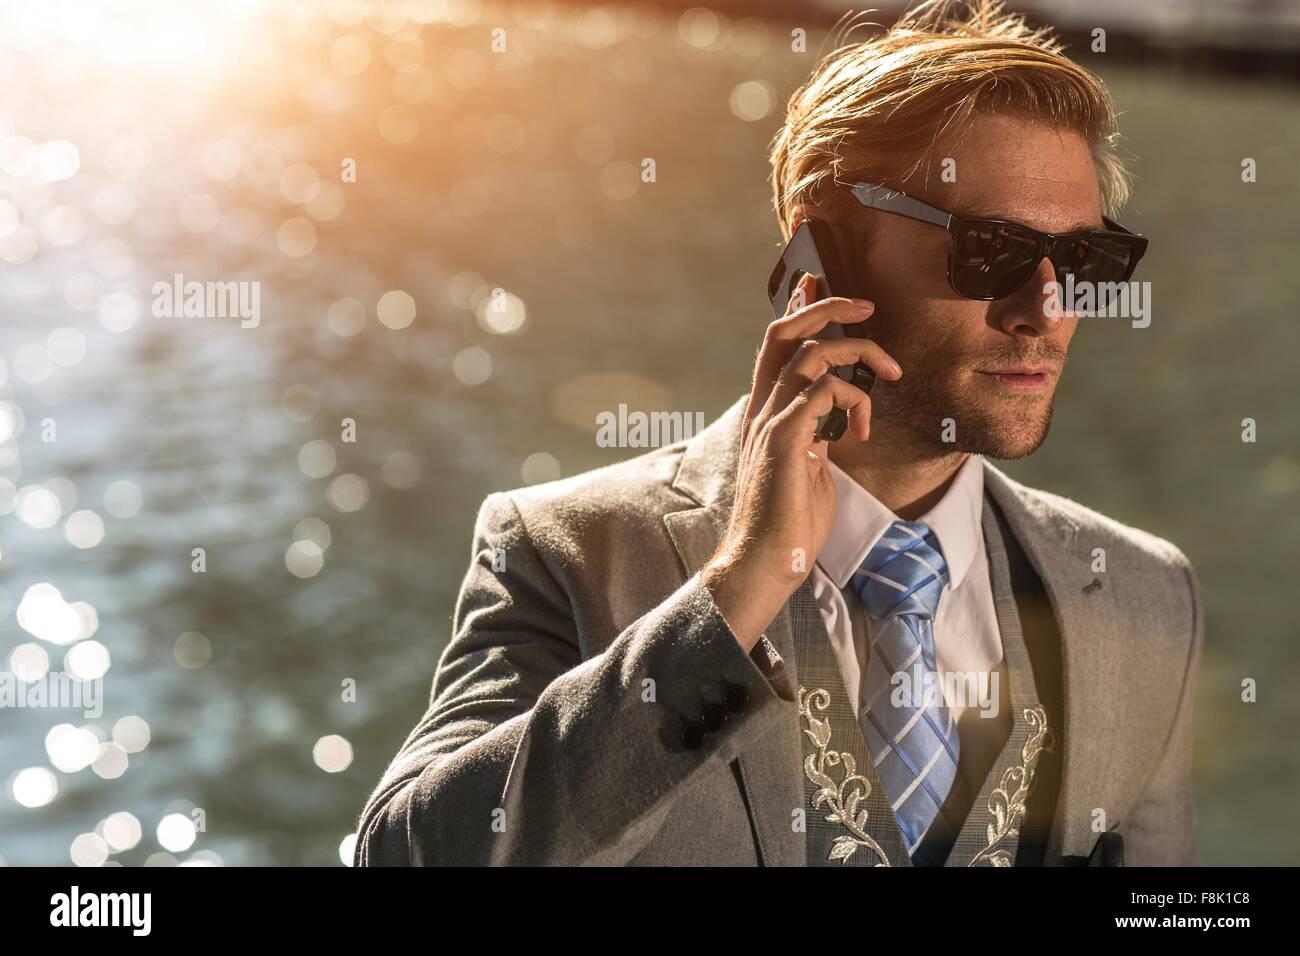 Junger Geschäftsmann mit Sonnenbrille am Smartphone am Wasser sprechen Stockbild